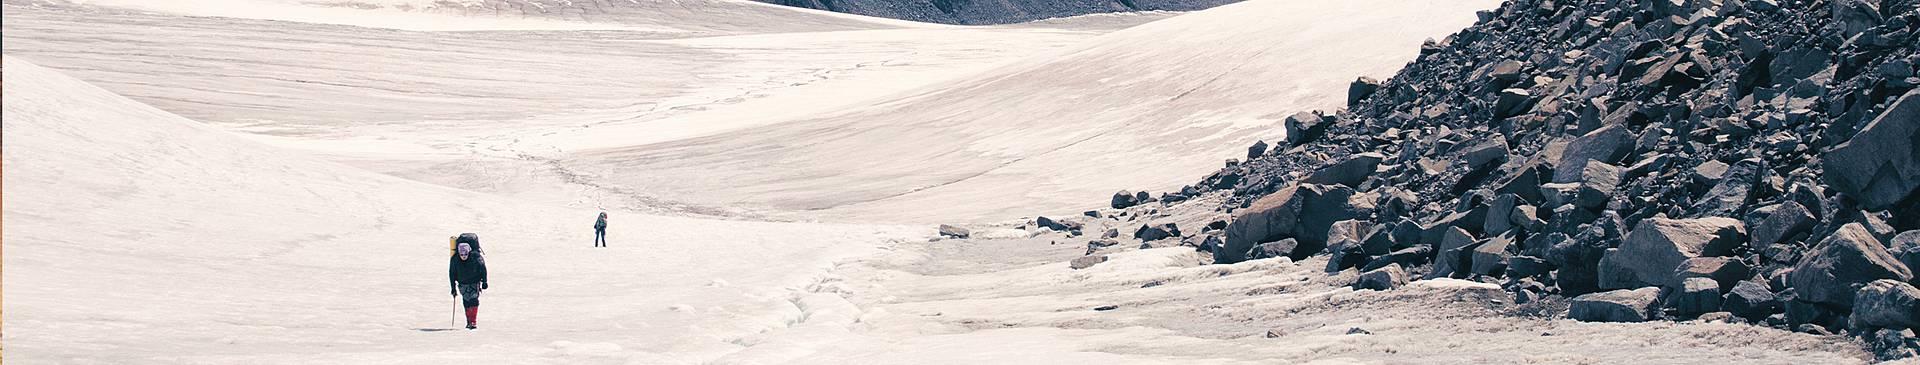 Bergurlaub Mongolei